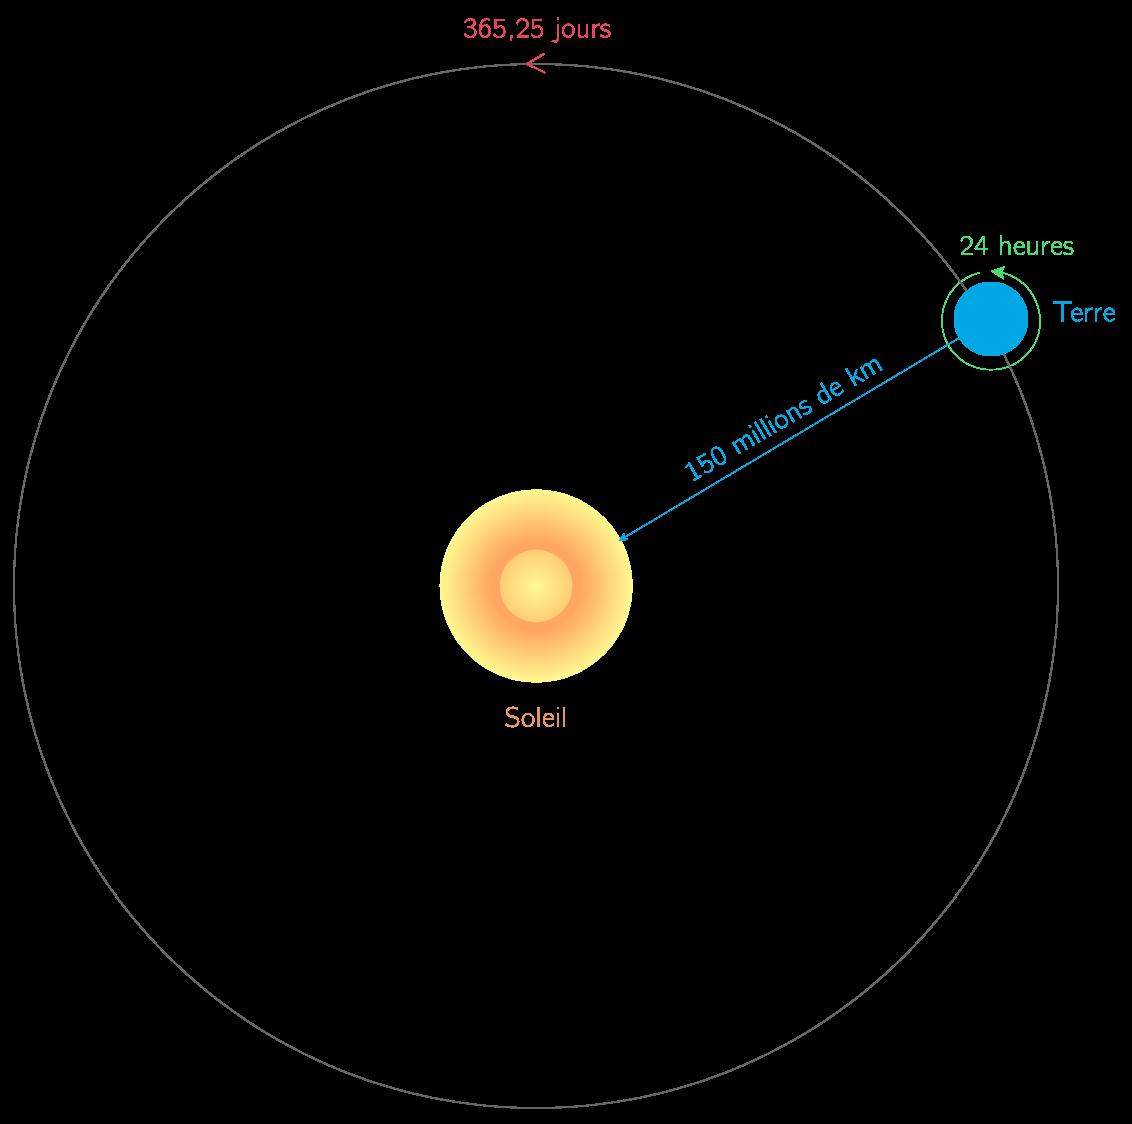 La rotation de la Terre autour du Soleil